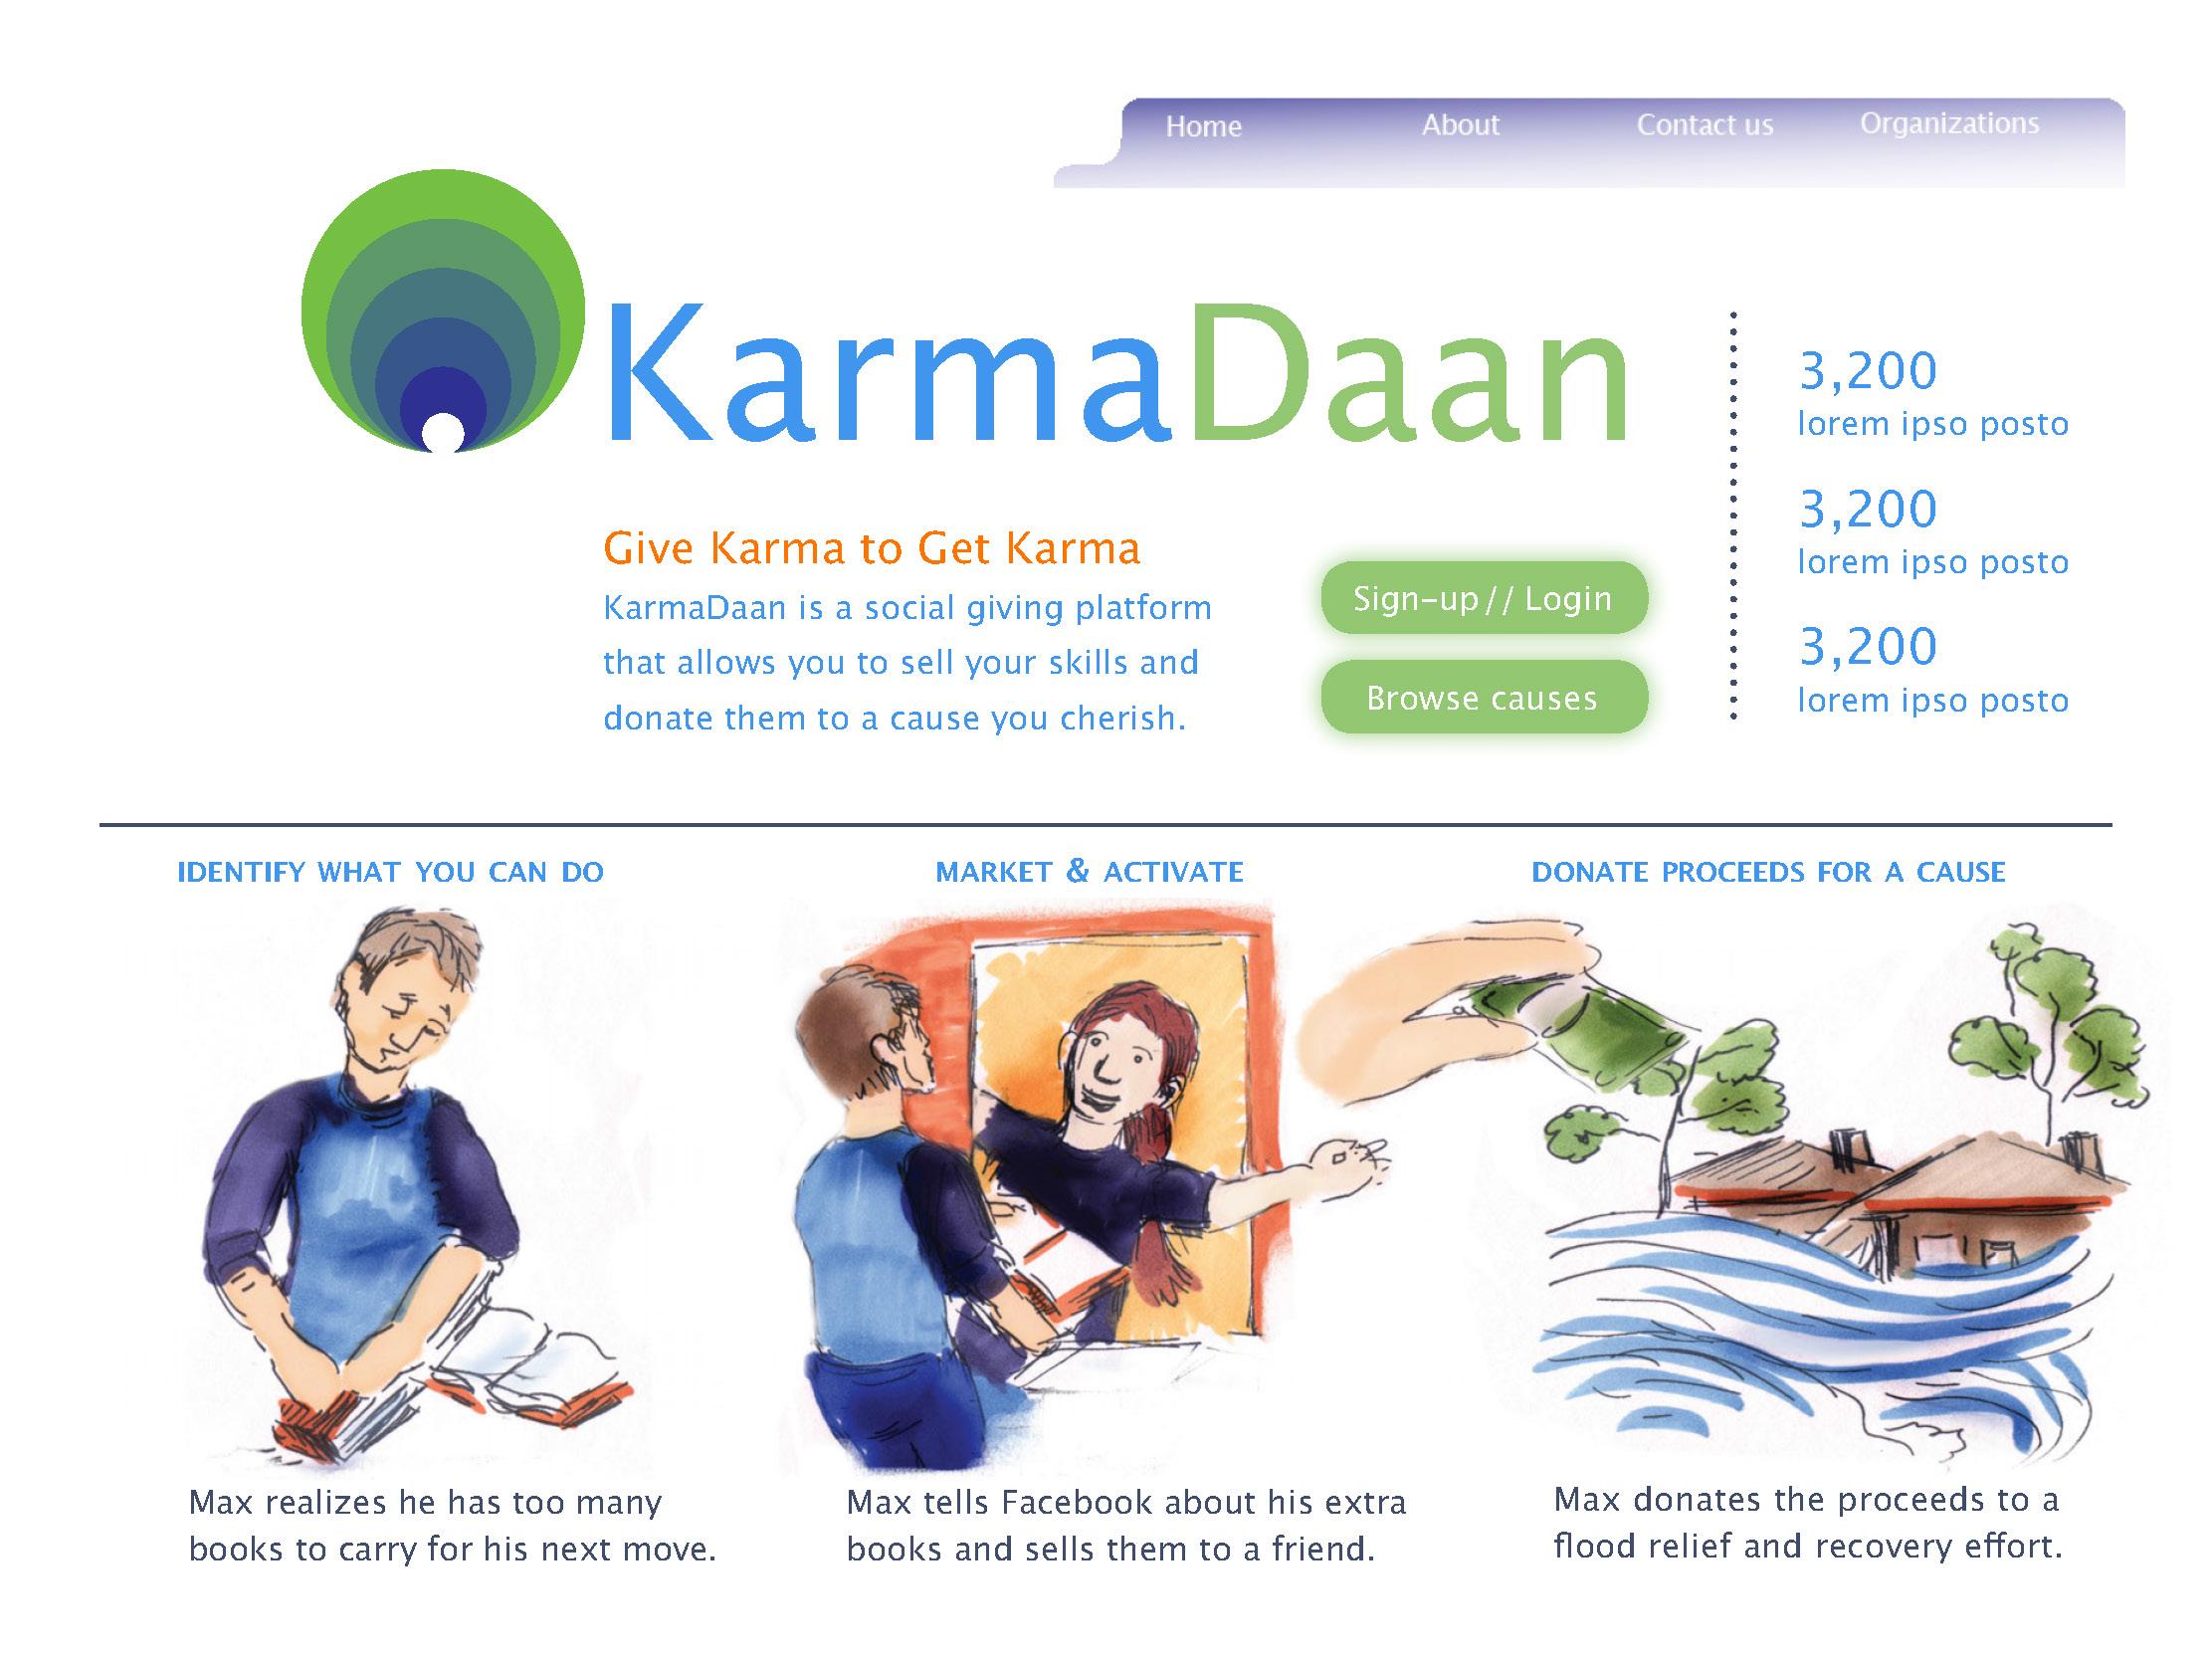 KarmaDaan-11-26-12_Page_06.jpg